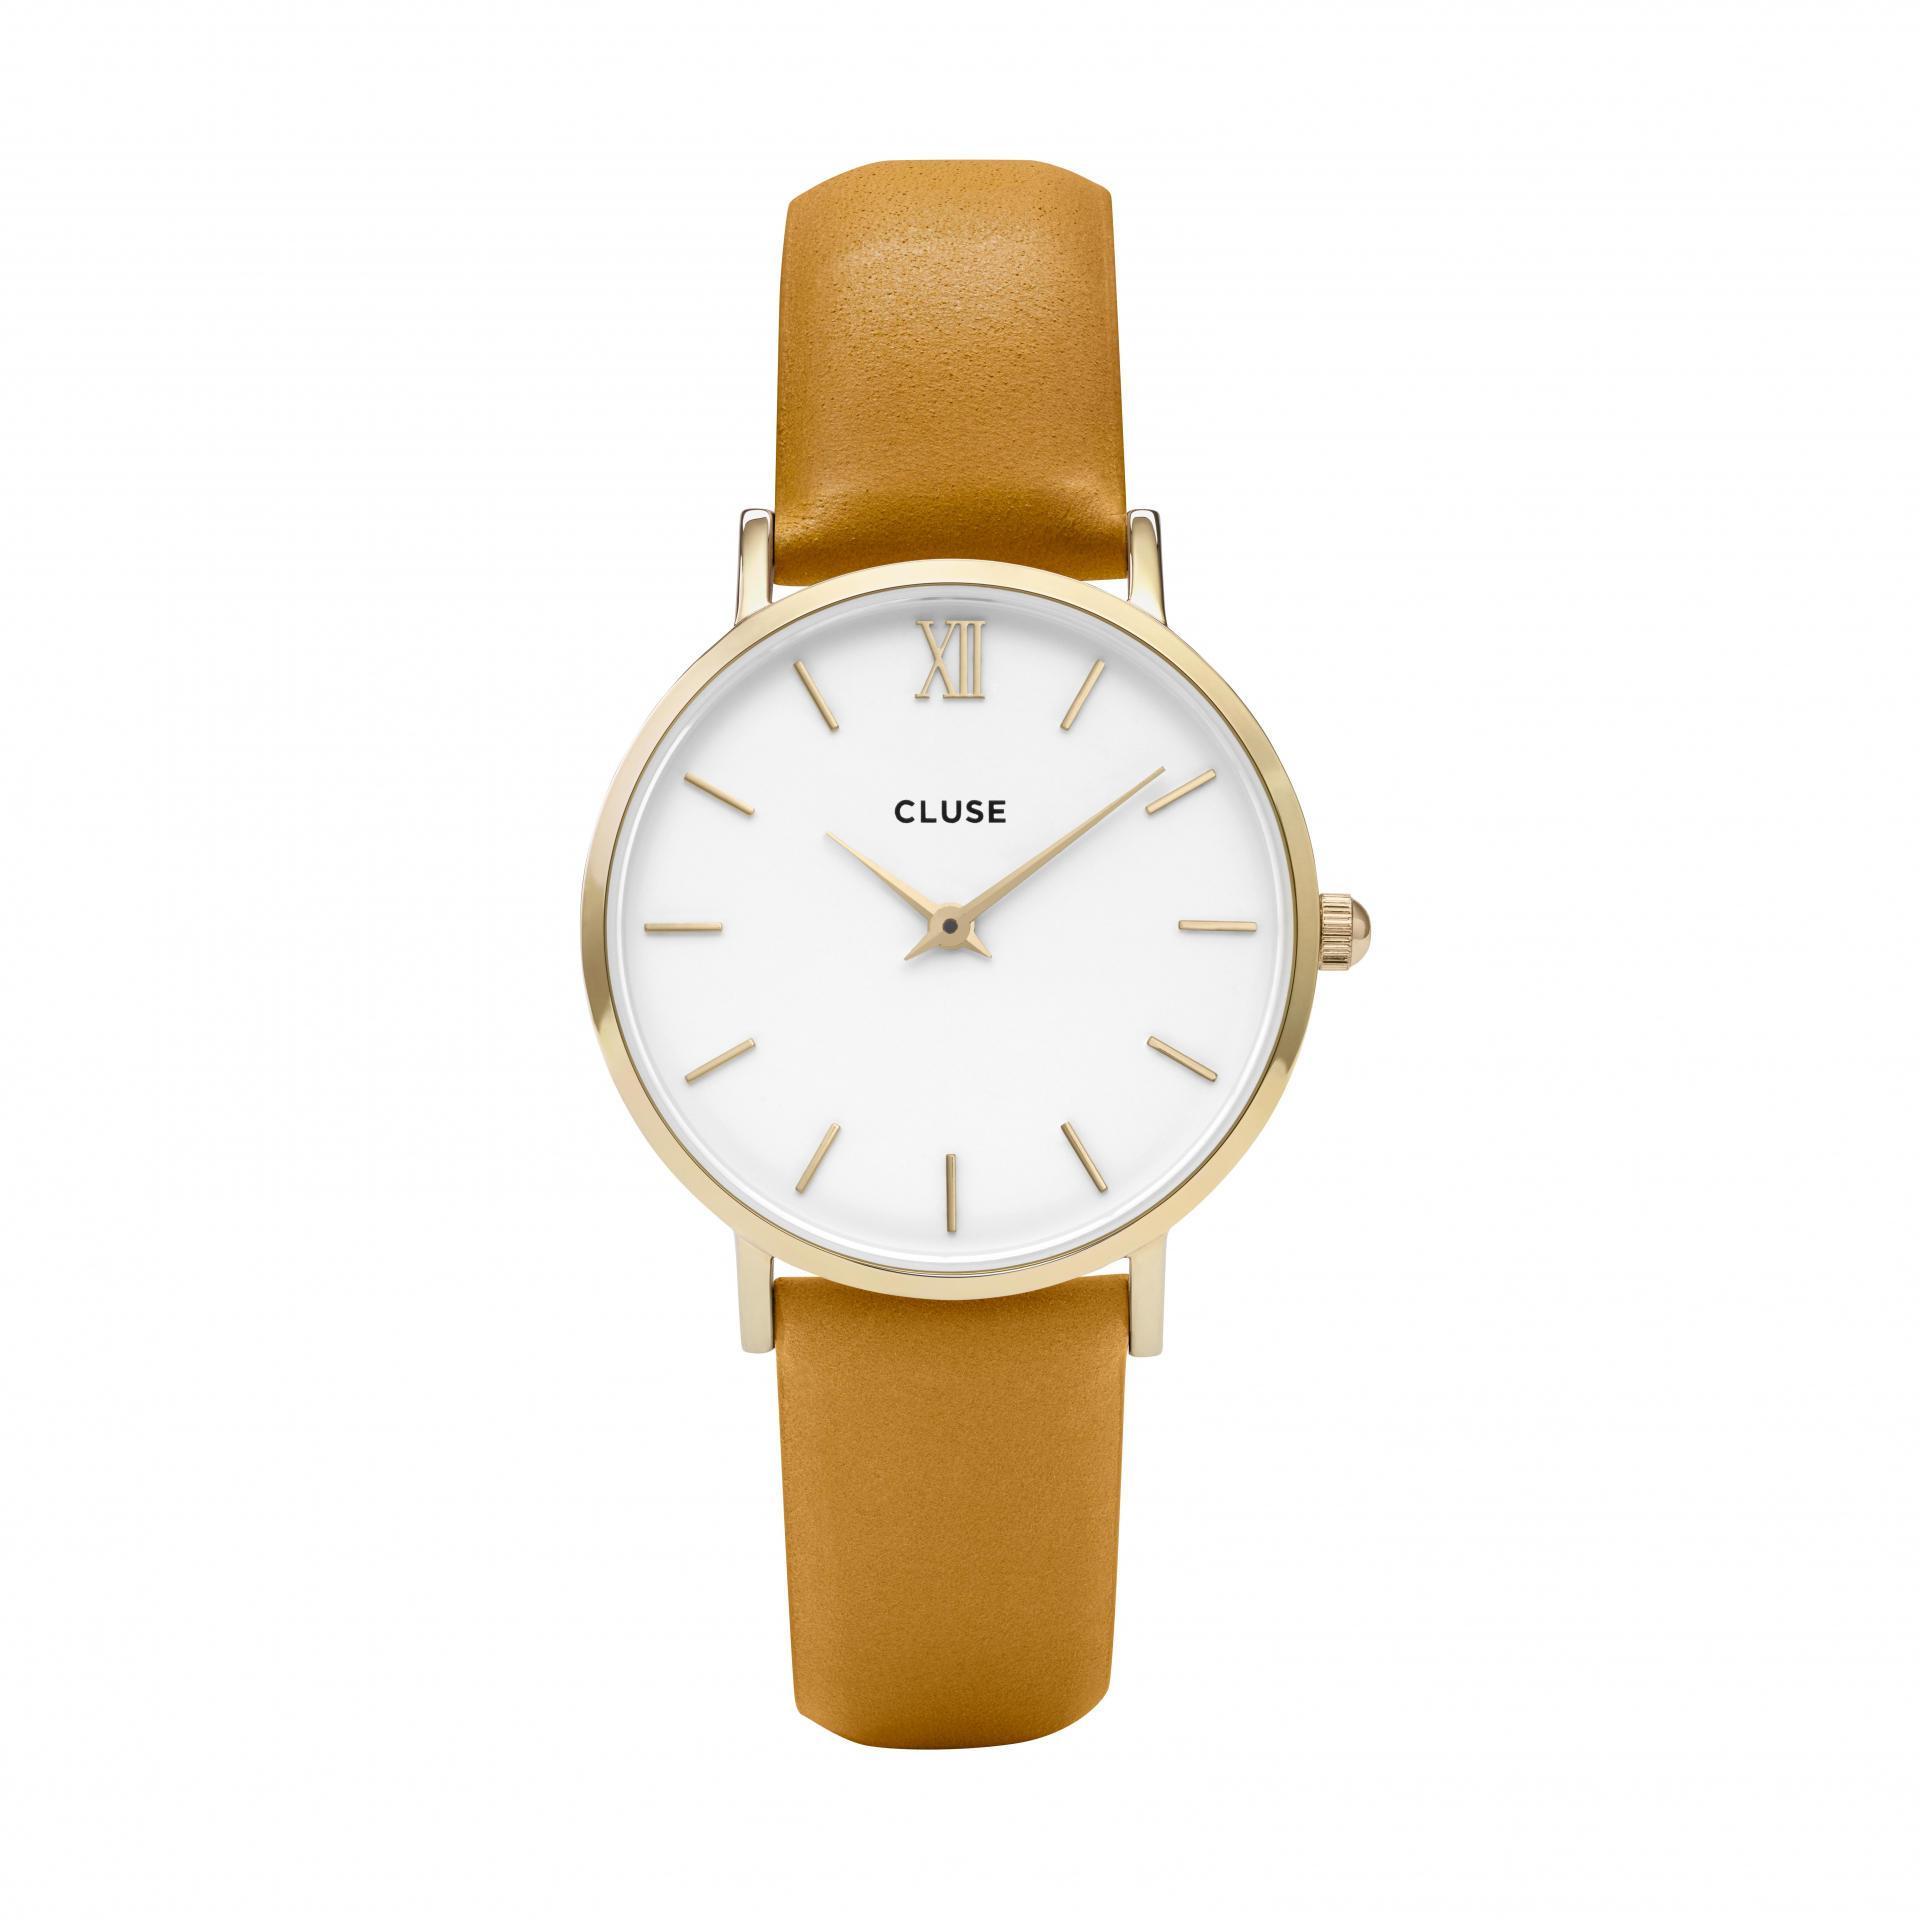 CLUSE Hodinky Cluse Minuit Gold White/Mustard, oranžová barva, kov